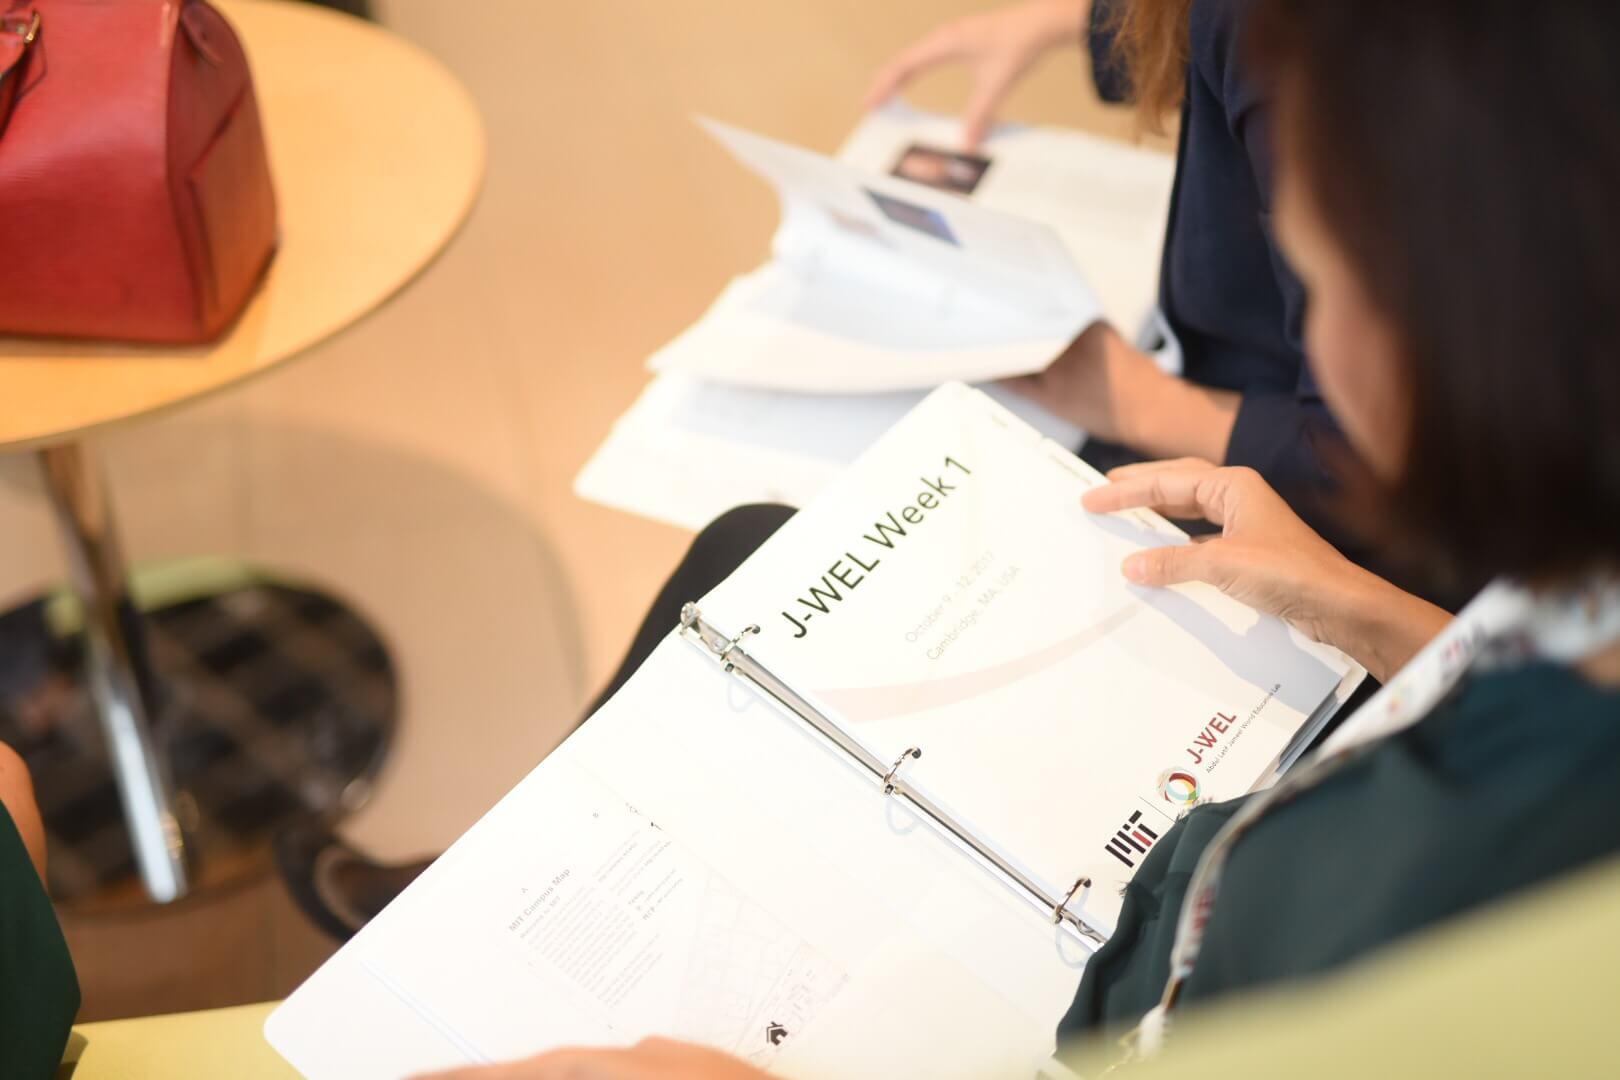 MITのJ-WELが27ヶ国の専門家が参加した教育開発のための事業を起動